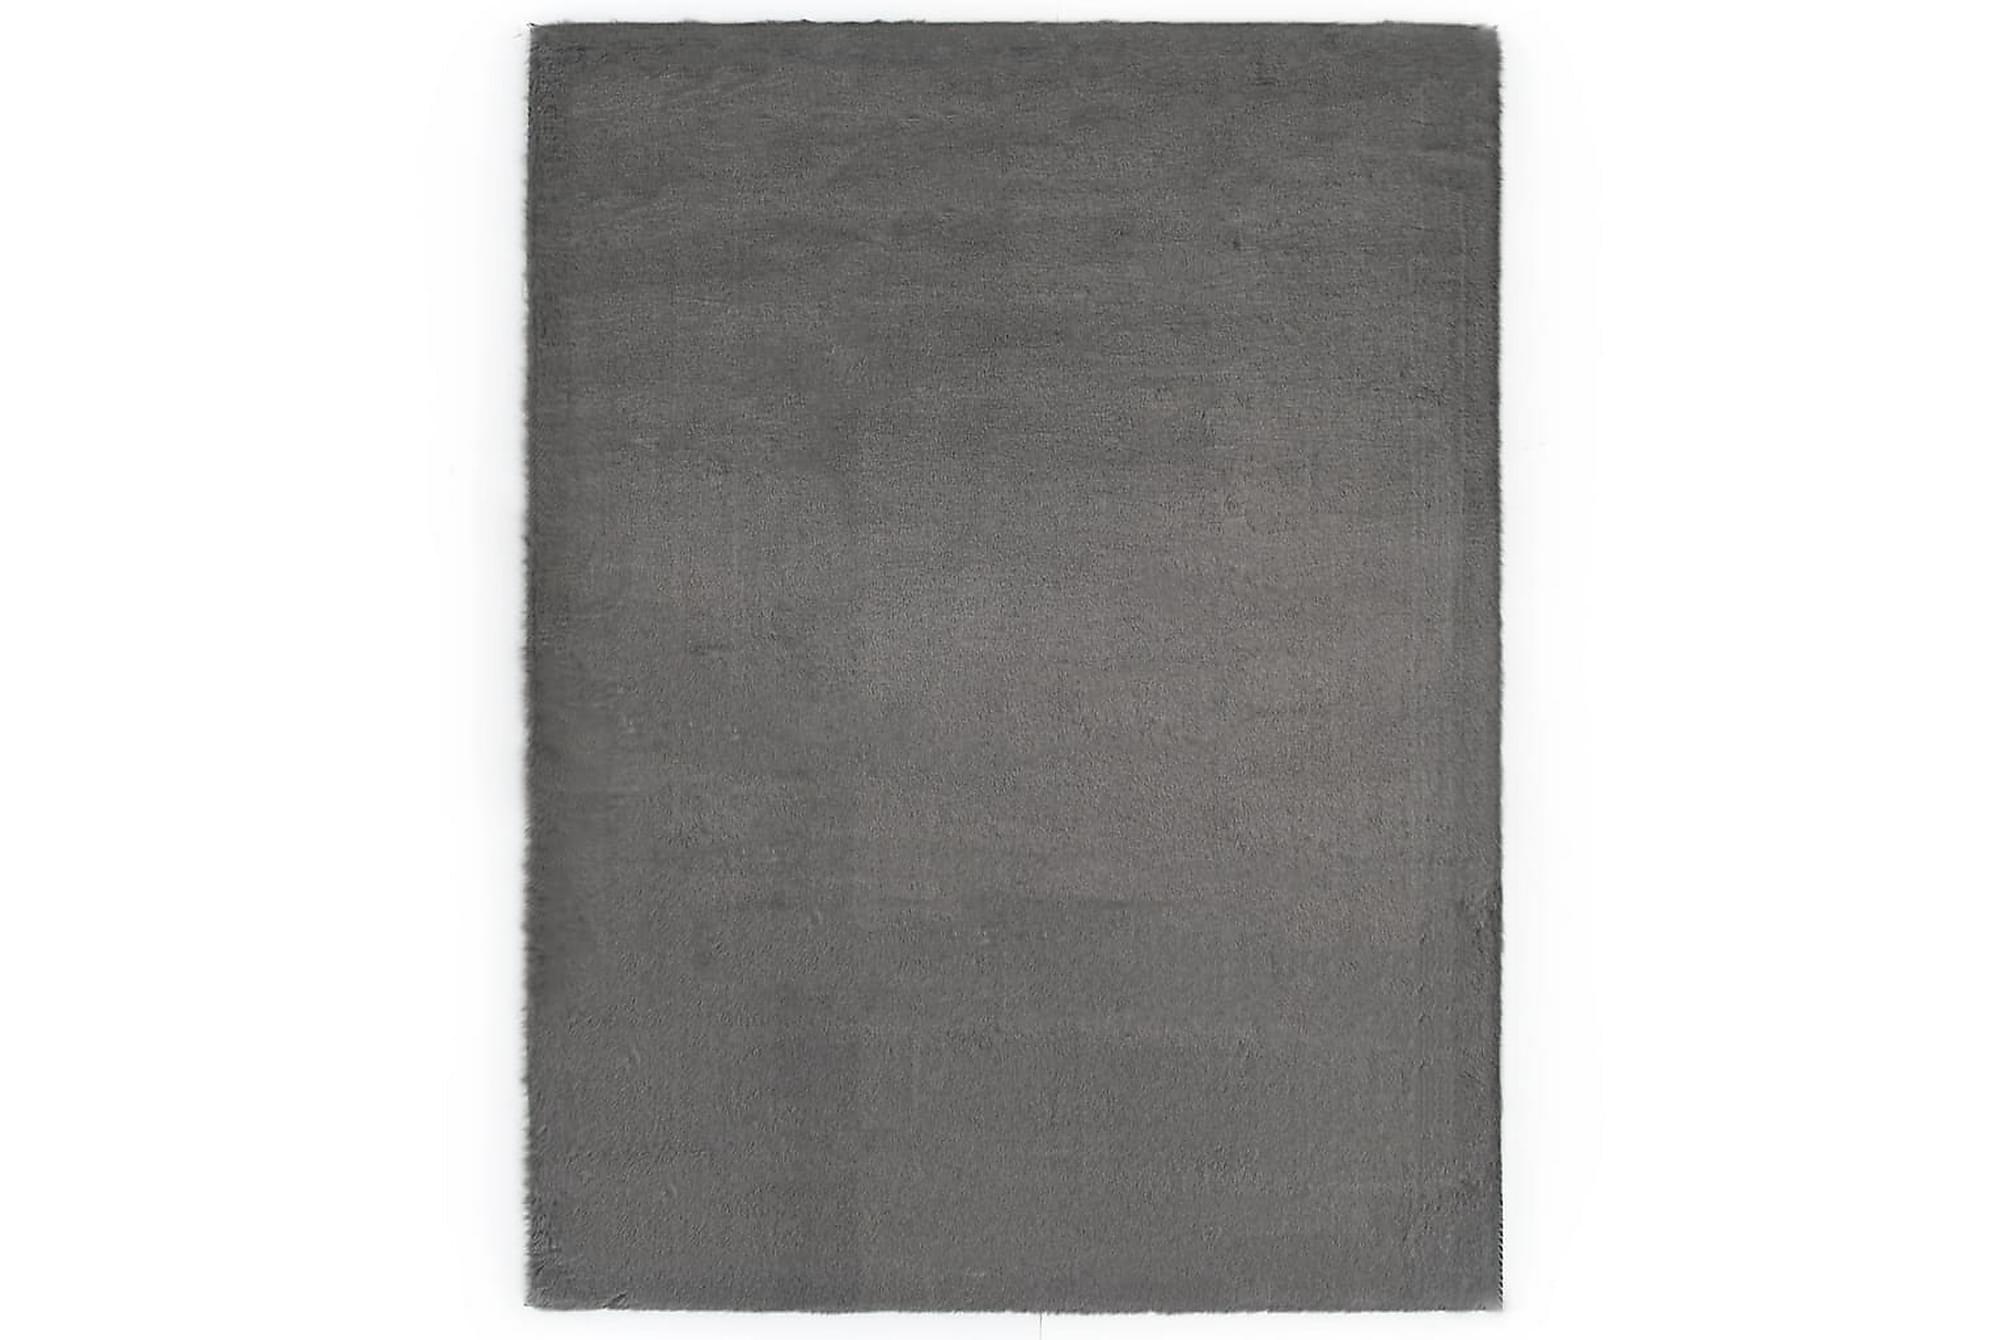 Matta 140×200 cm konstpäls mörkgrå